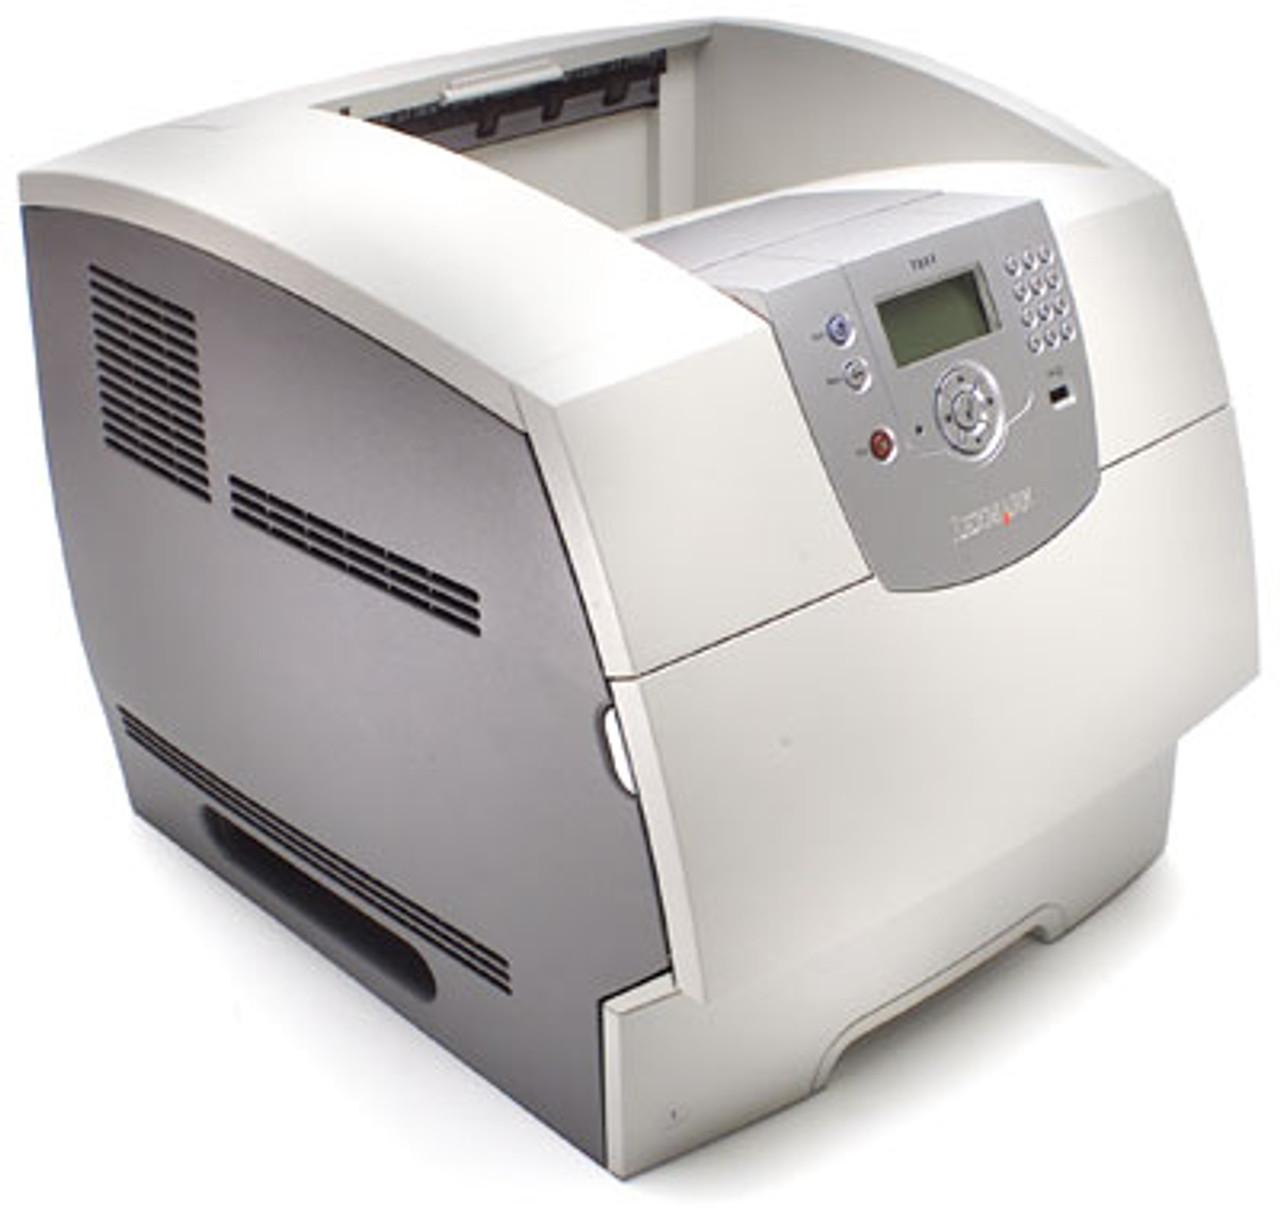 Lexmark T644 - 20G0322 - Lexmark Laser Printer for sale